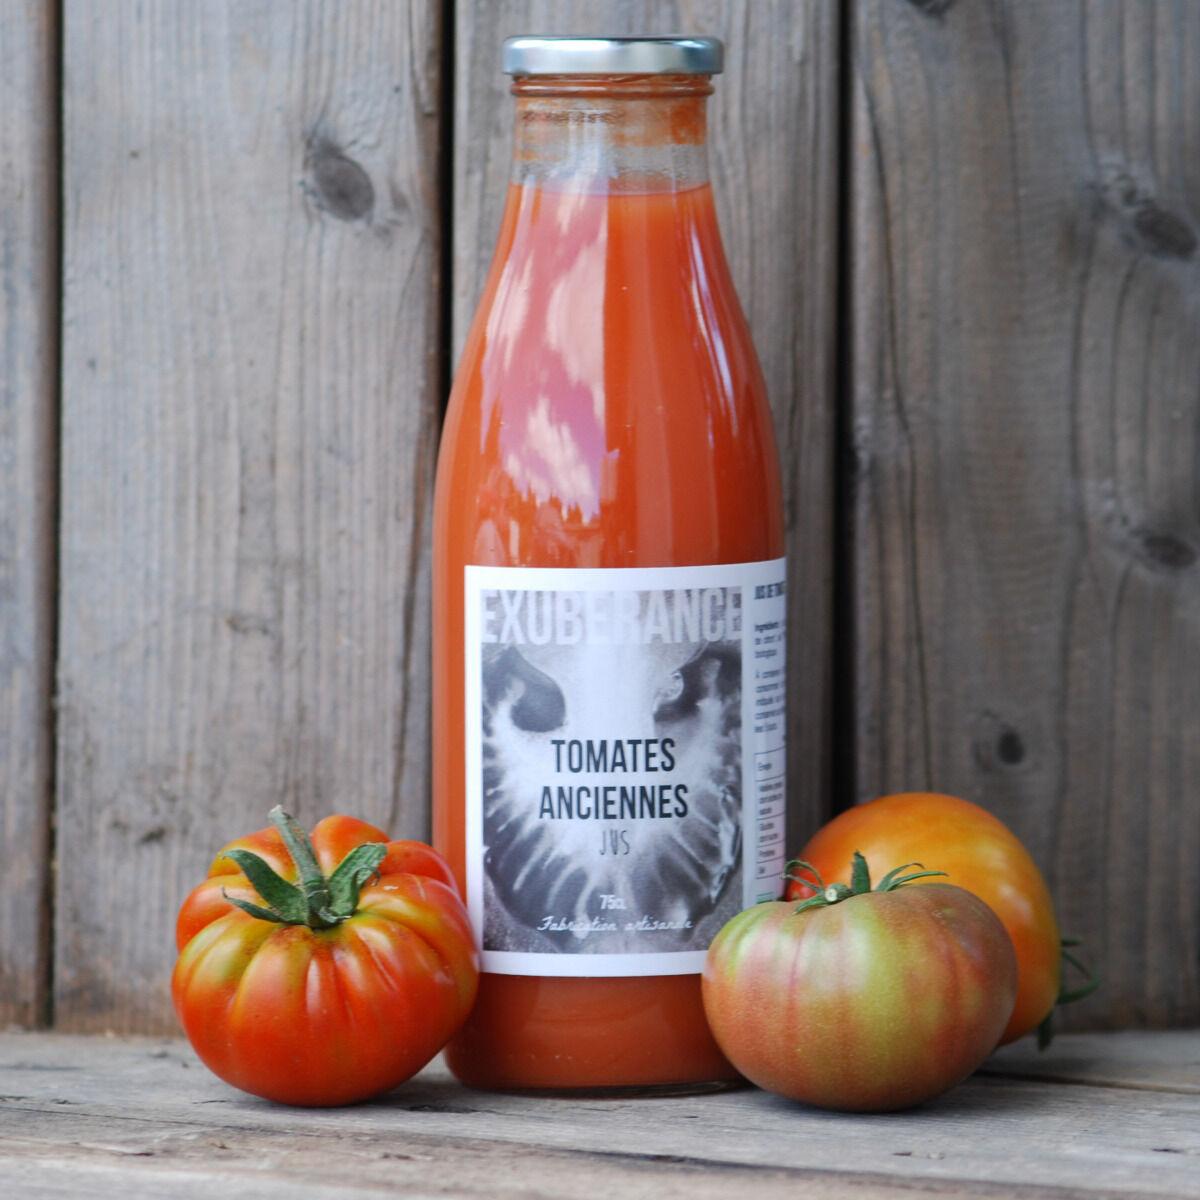 La Boite à Herbes Jus De Tomate Ancienne Bio - 75cl